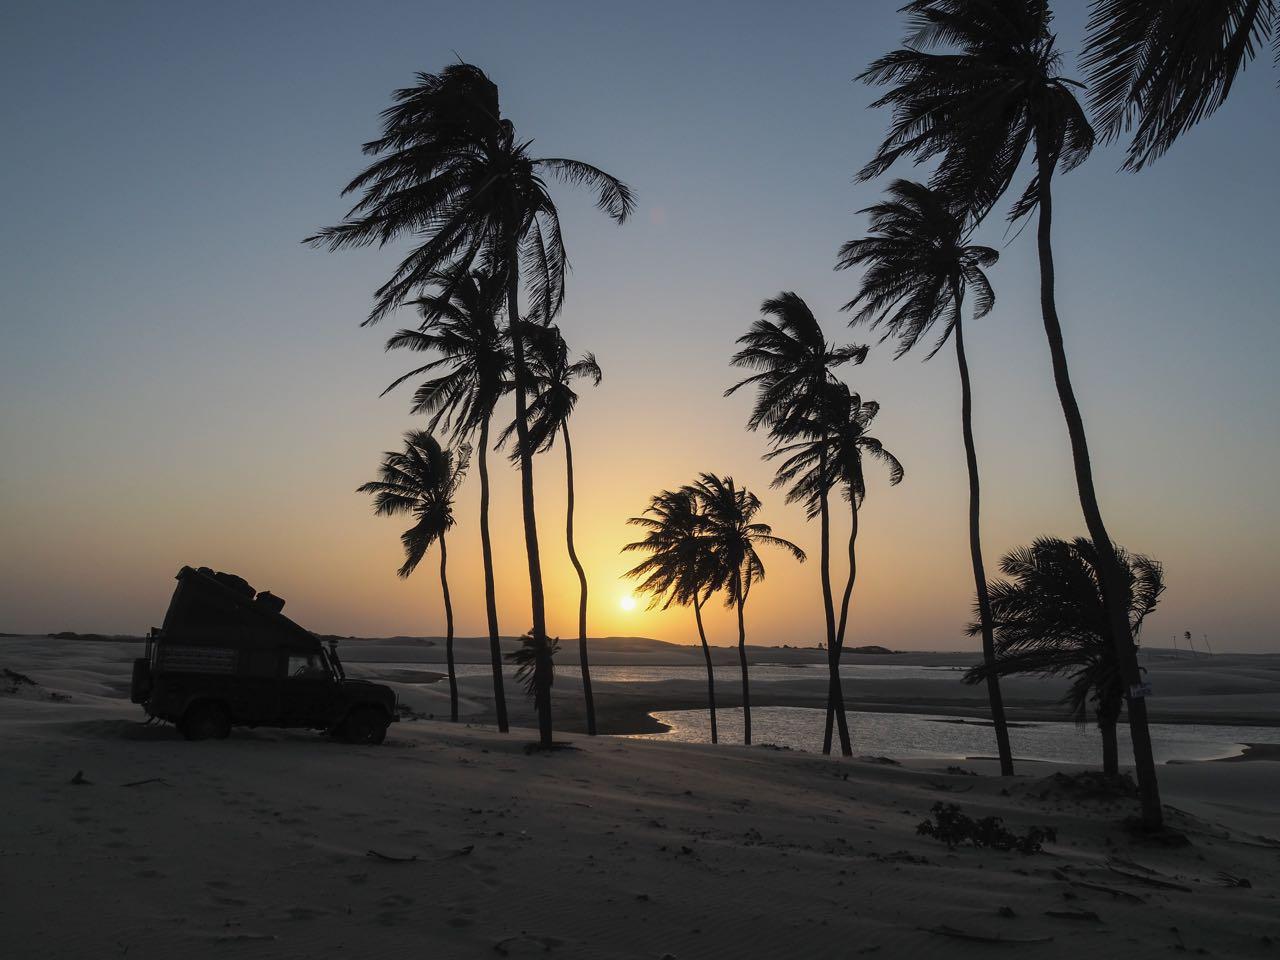 Ein richtig kitschiger Sonnenuntergang.